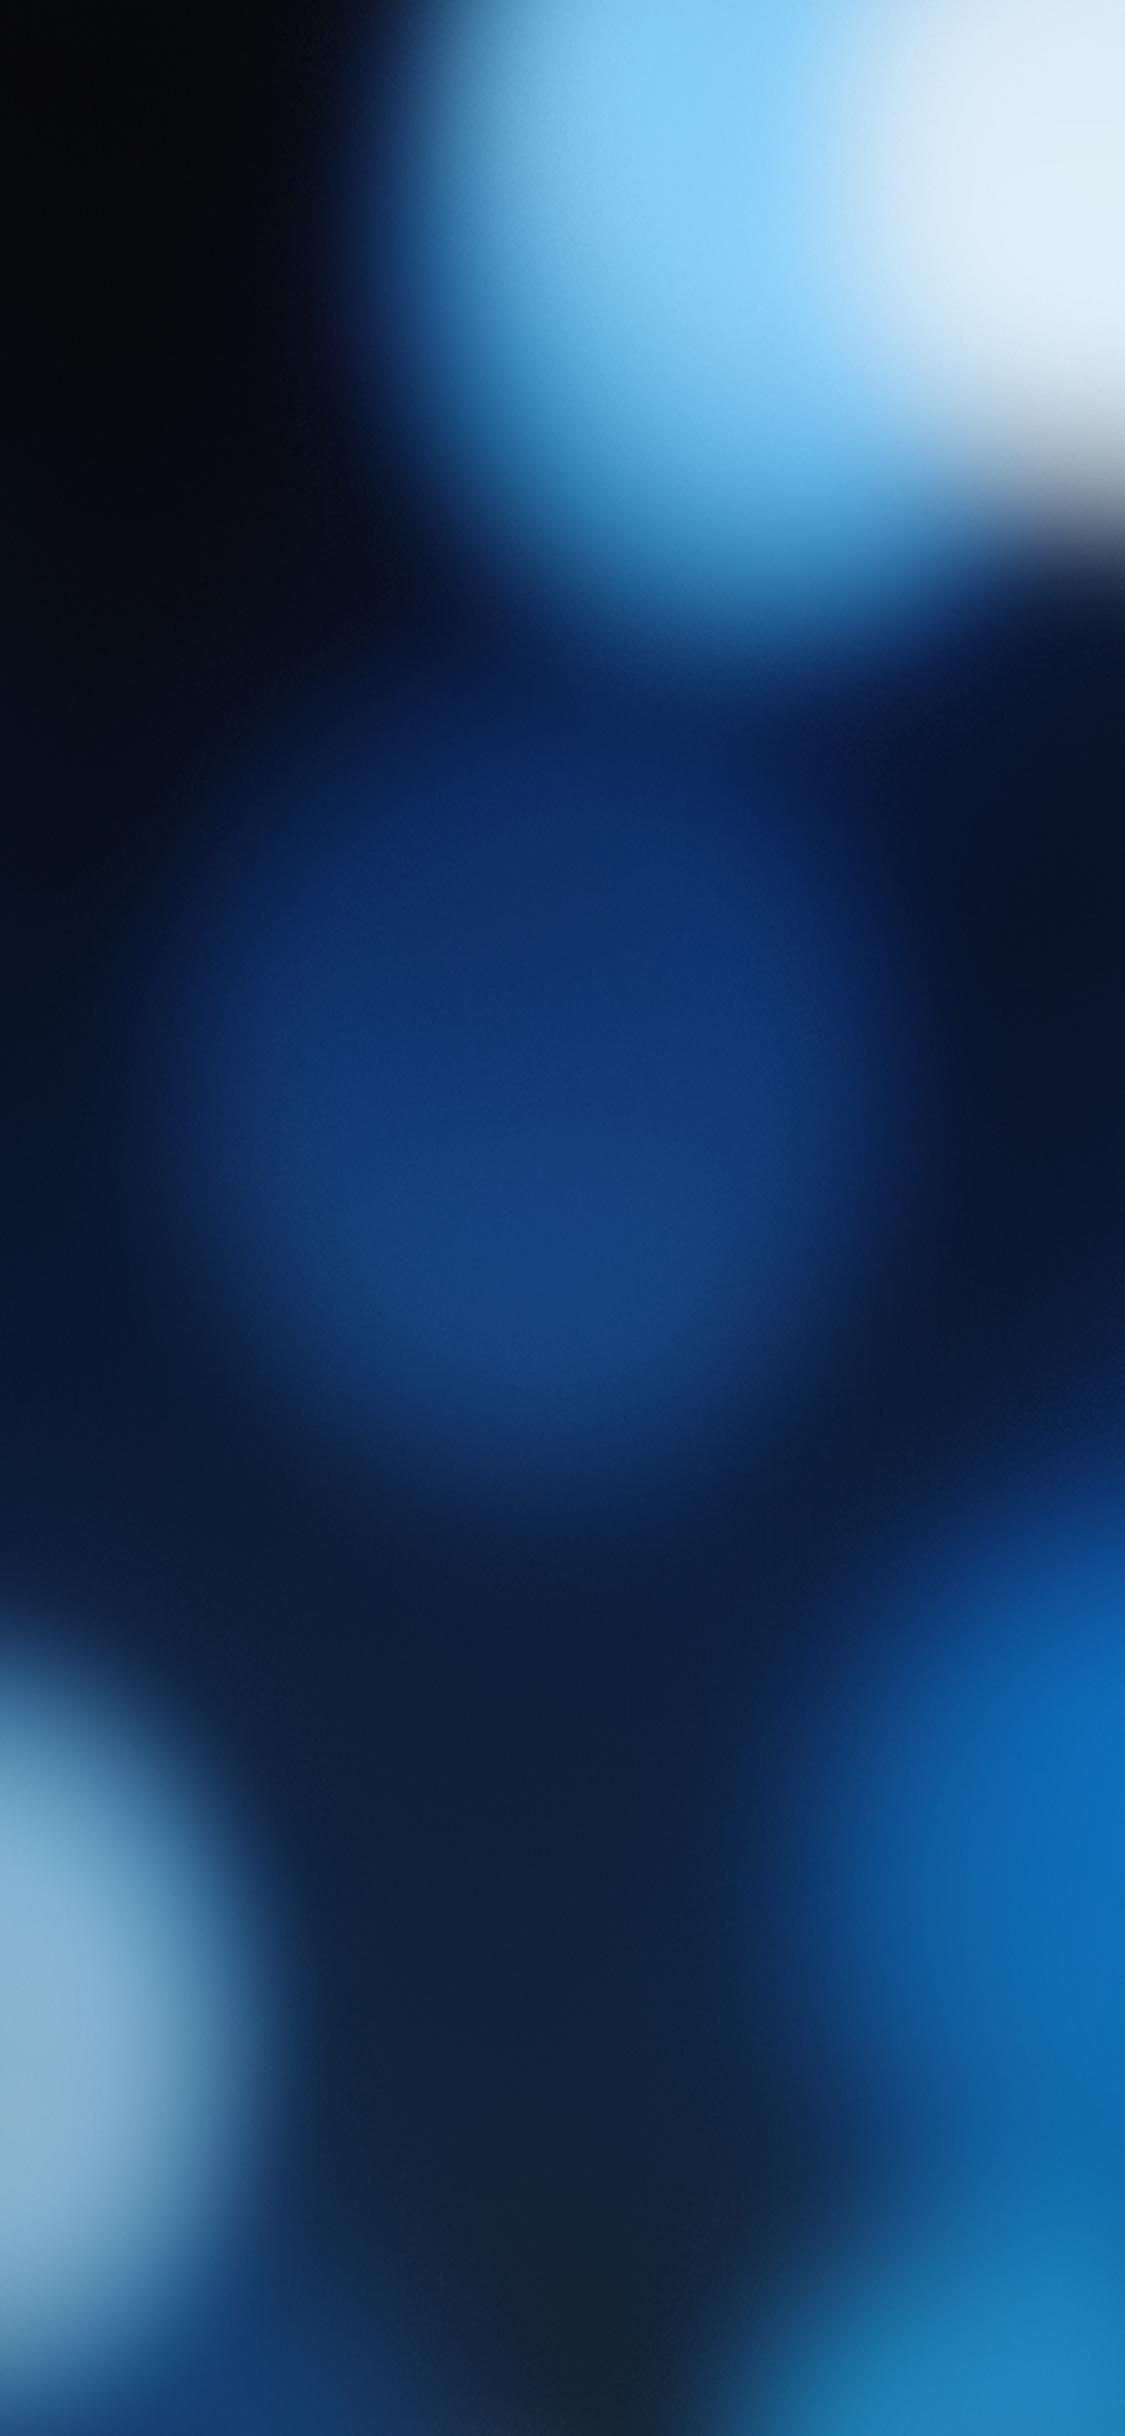 Blue spots on dark background